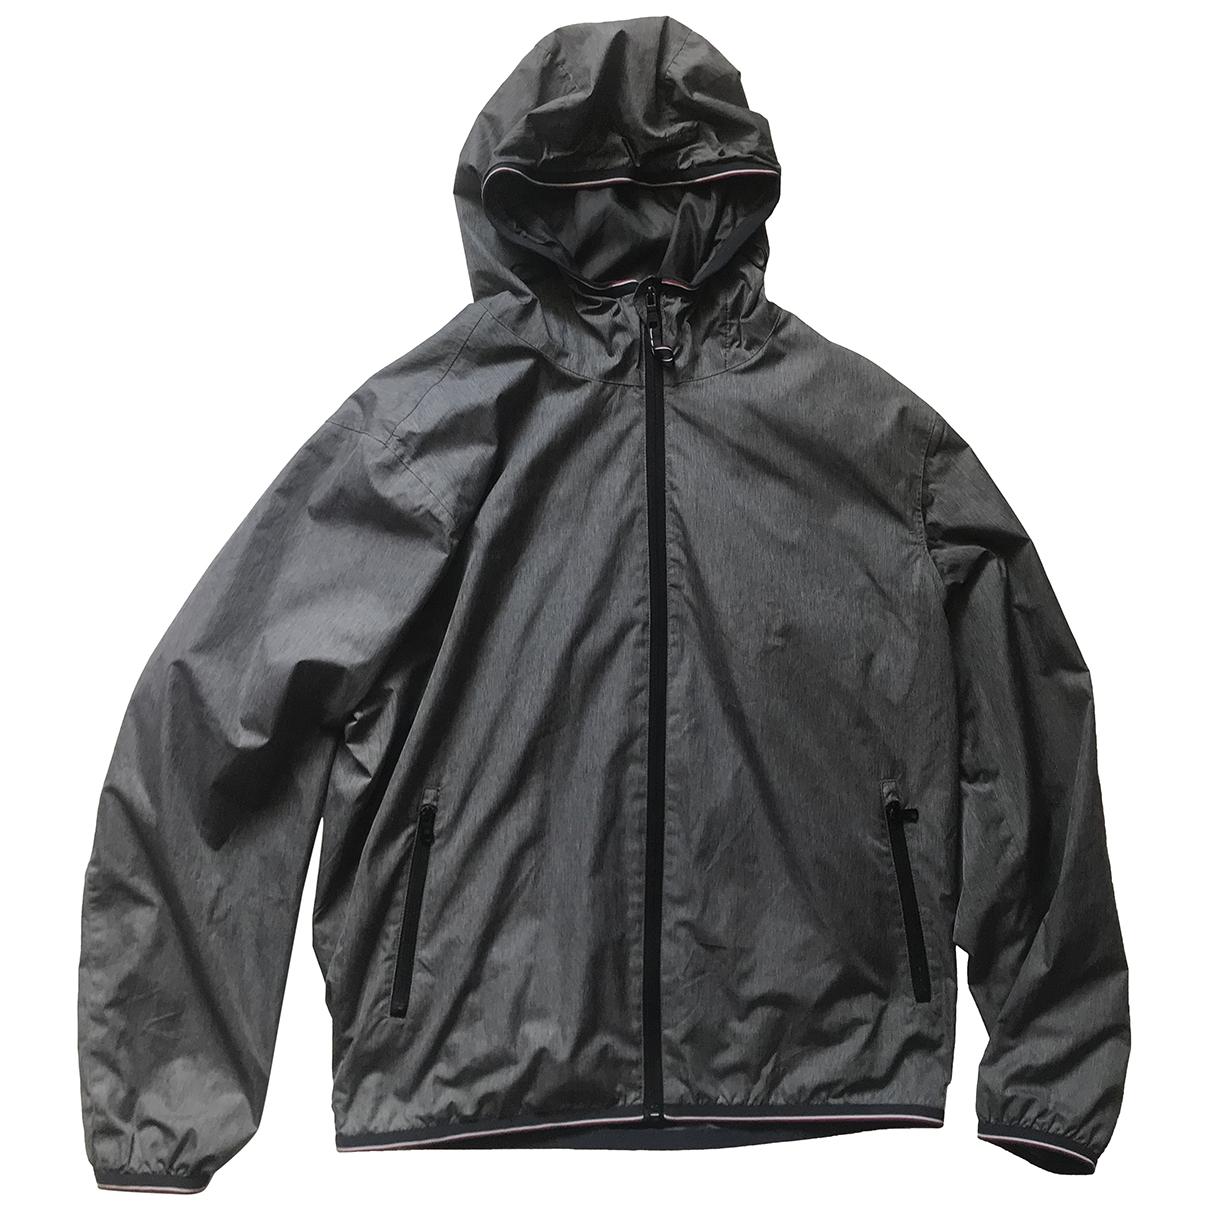 Tommy Hilfiger \N Grey jacket  for Men M International